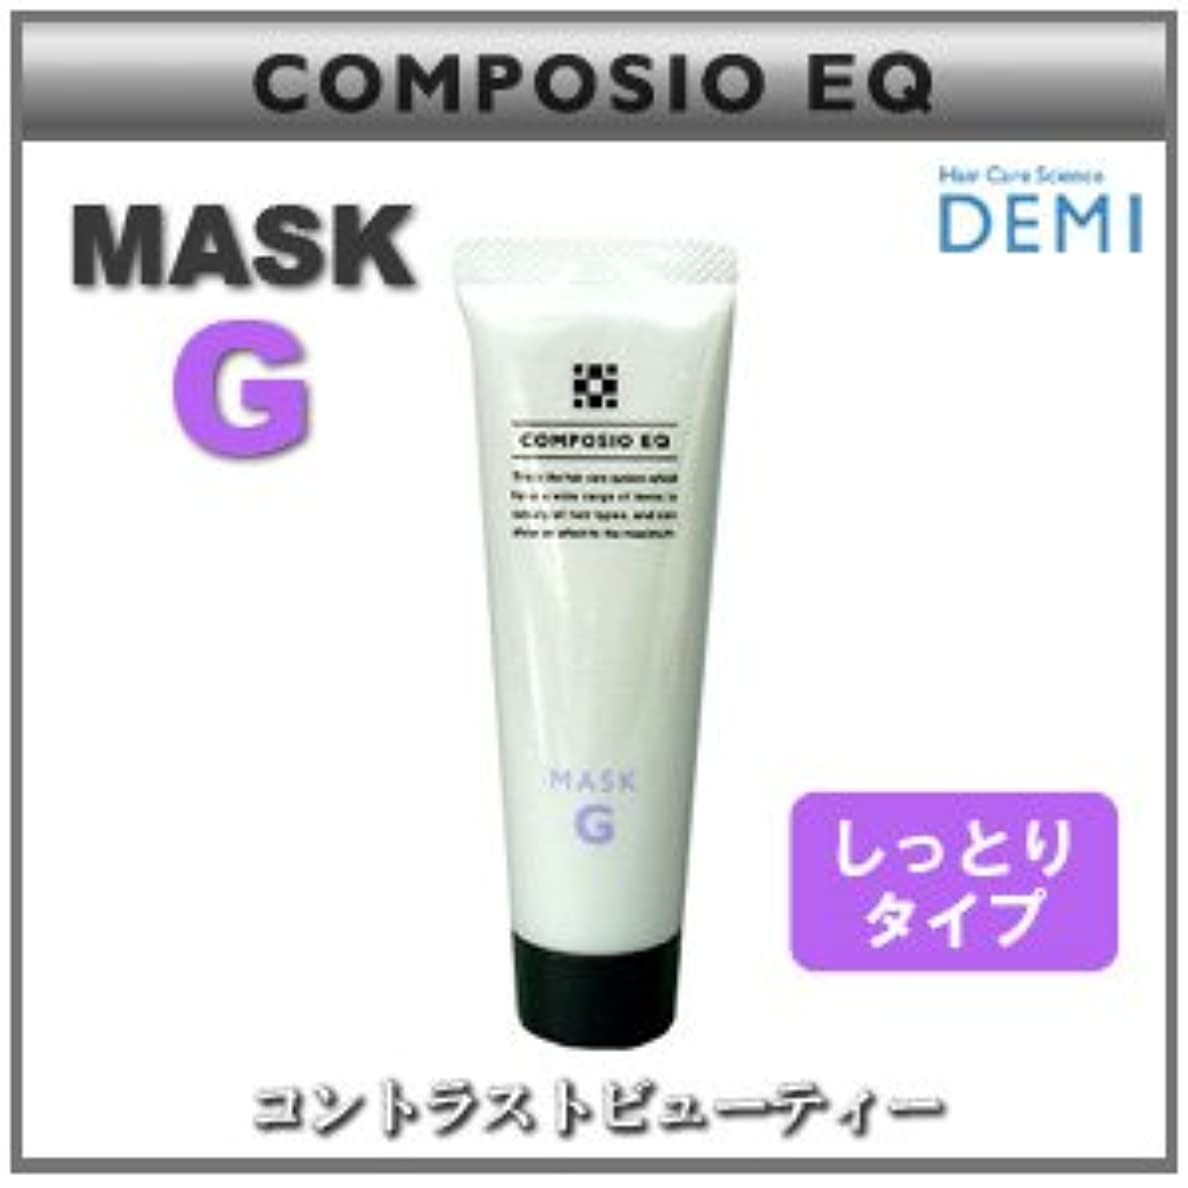 無視キッチン初期【X5個セット】 デミ コンポジオ EQ マスク G 50g